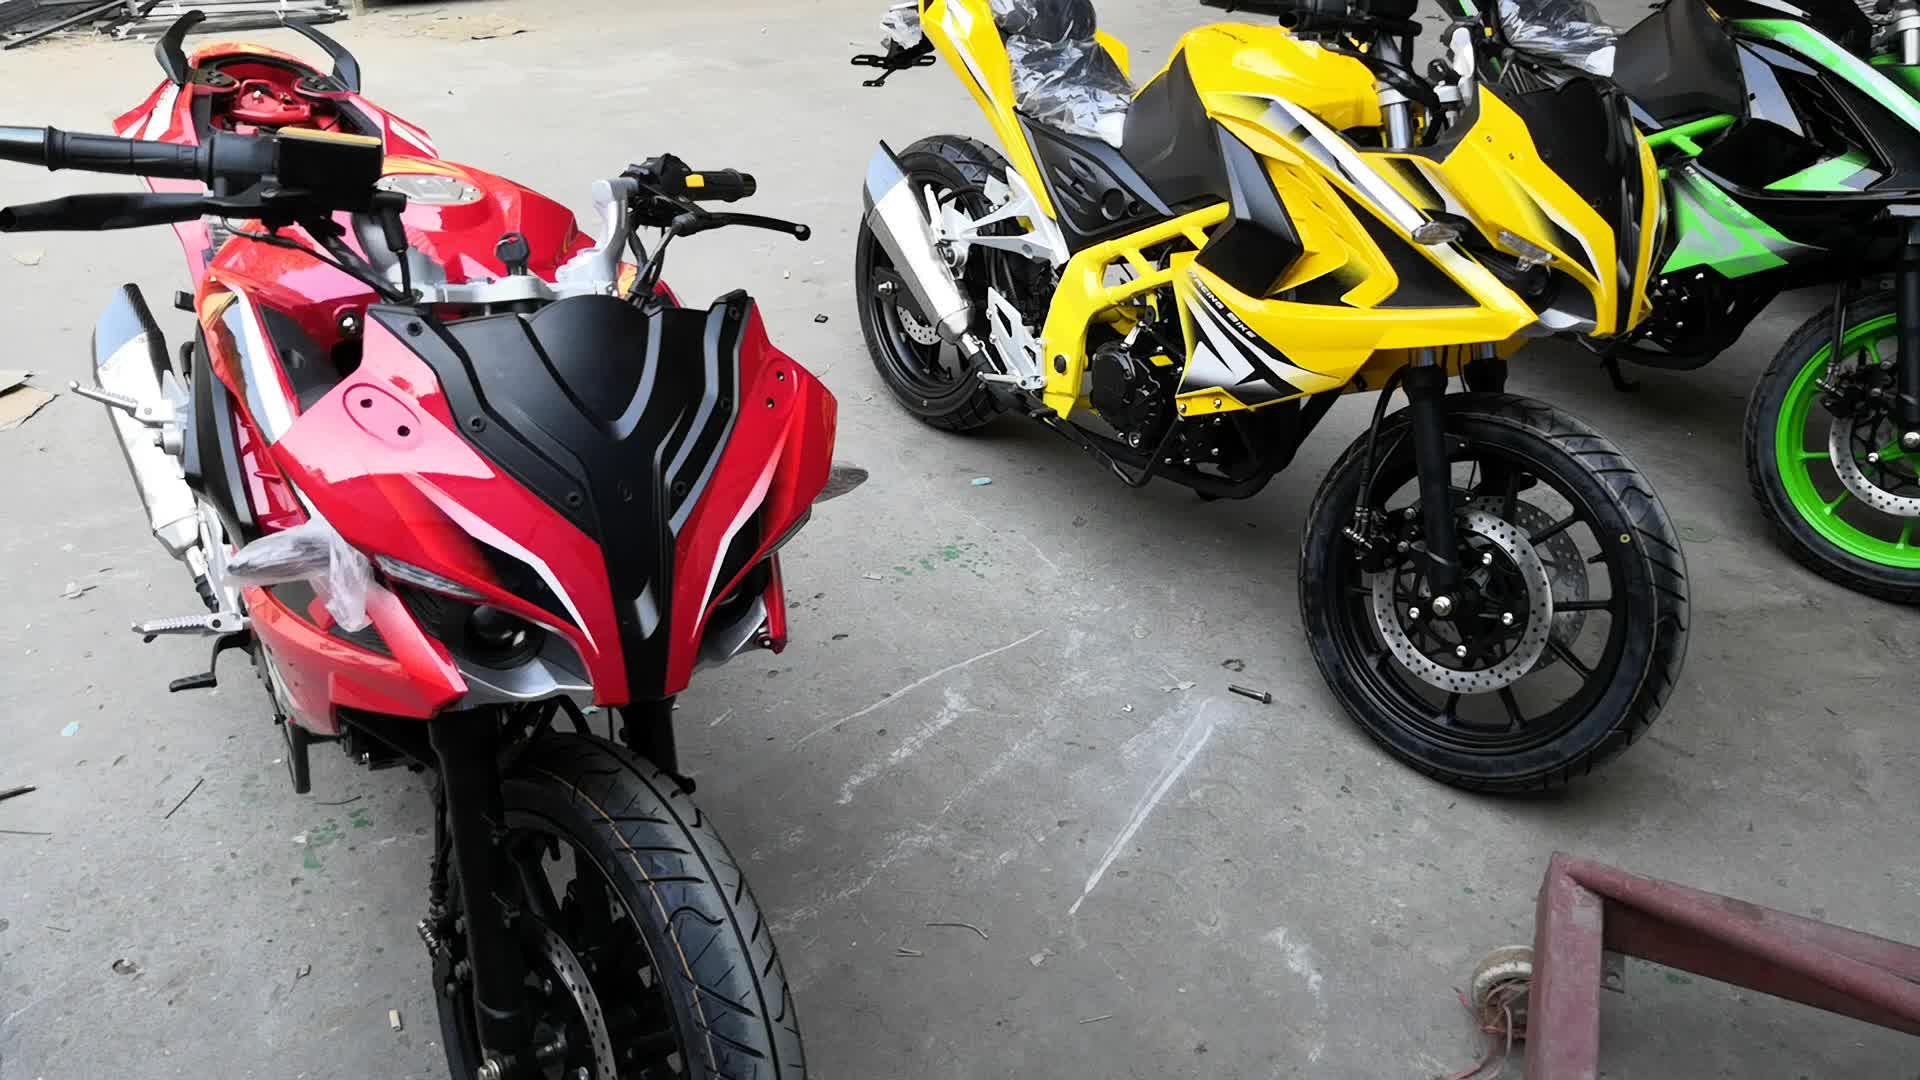 2019 Yüksek Kalite Yeni sıcak satış XINLING Motosiklet 200cc 250cc Spor Yarış Motosiklet